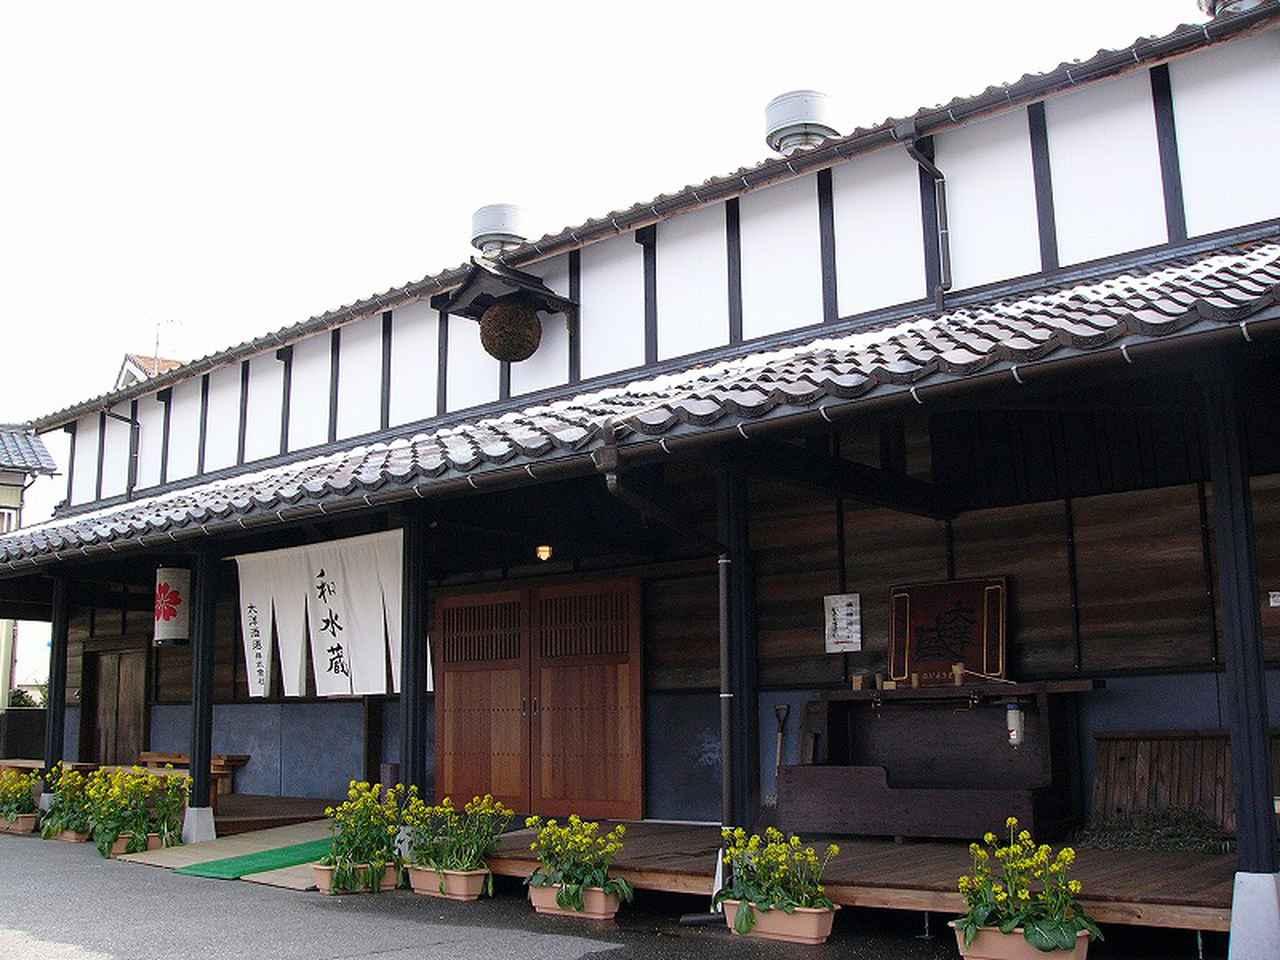 画像4: 米どころは、酒どころ。新潟の酒蔵巡りは、誰でも楽しめる日本酒の旅